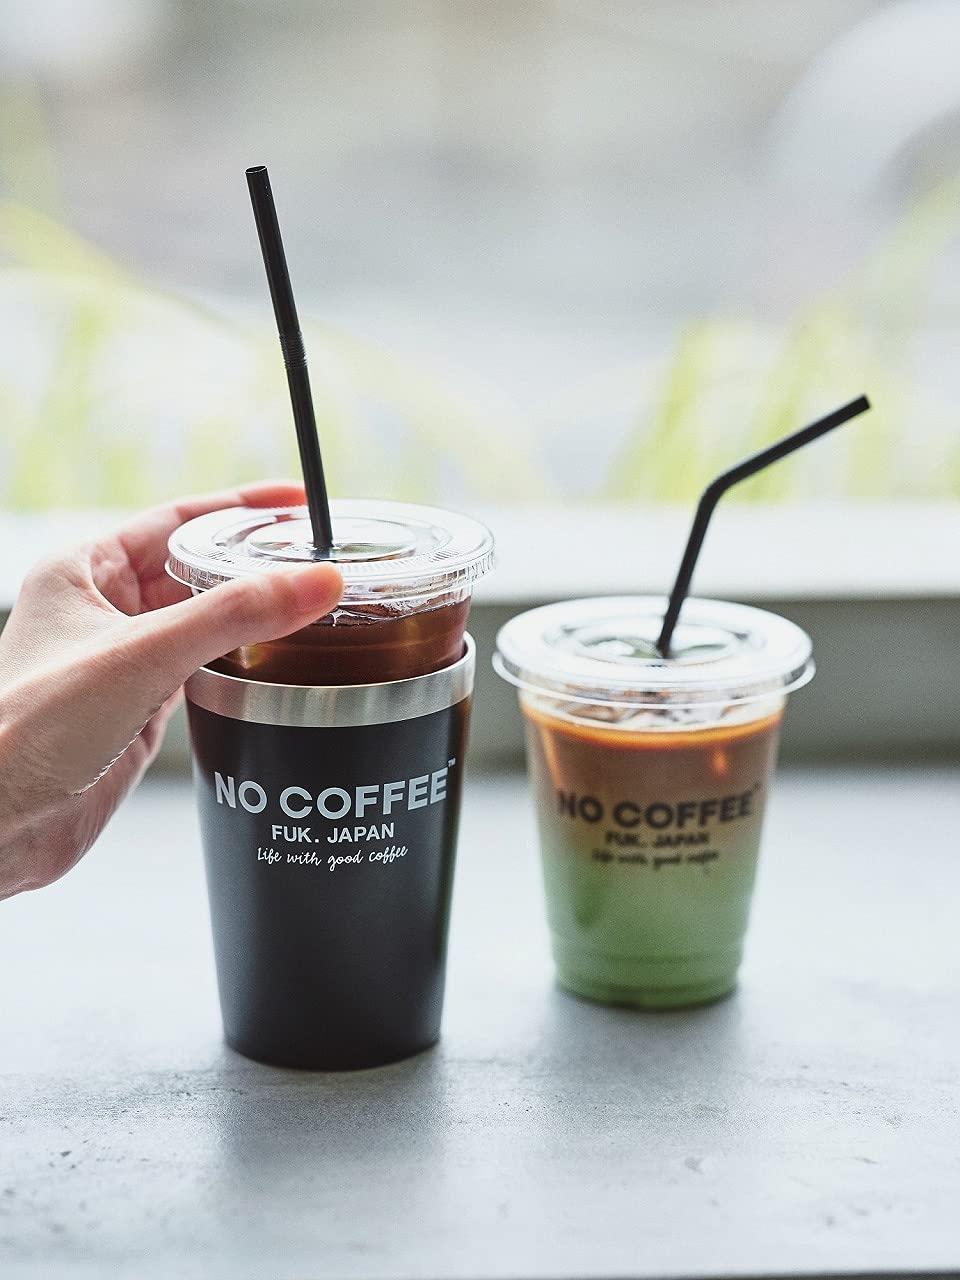 ムック本付録【ノーコーヒー(NO COFFEE) タンブラー】2021年7月29日発売!宝島通販限定カラーも登場